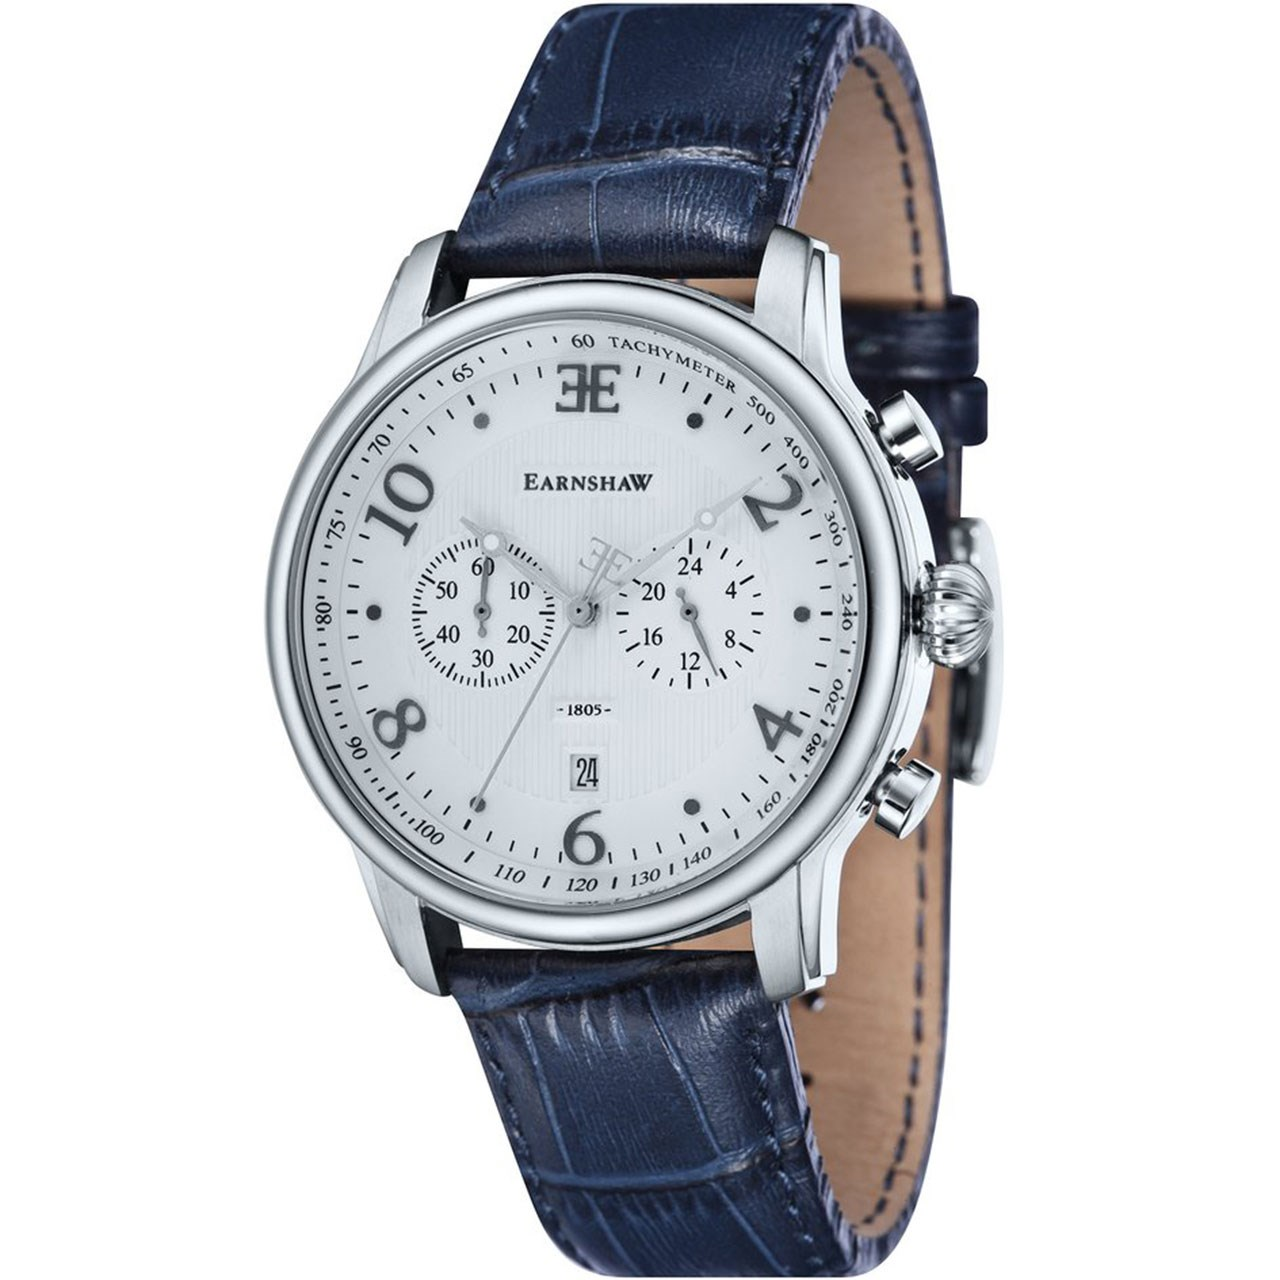 ساعت مچی عقربه ای مردانه ارنشا مدل ES-8058-01 27